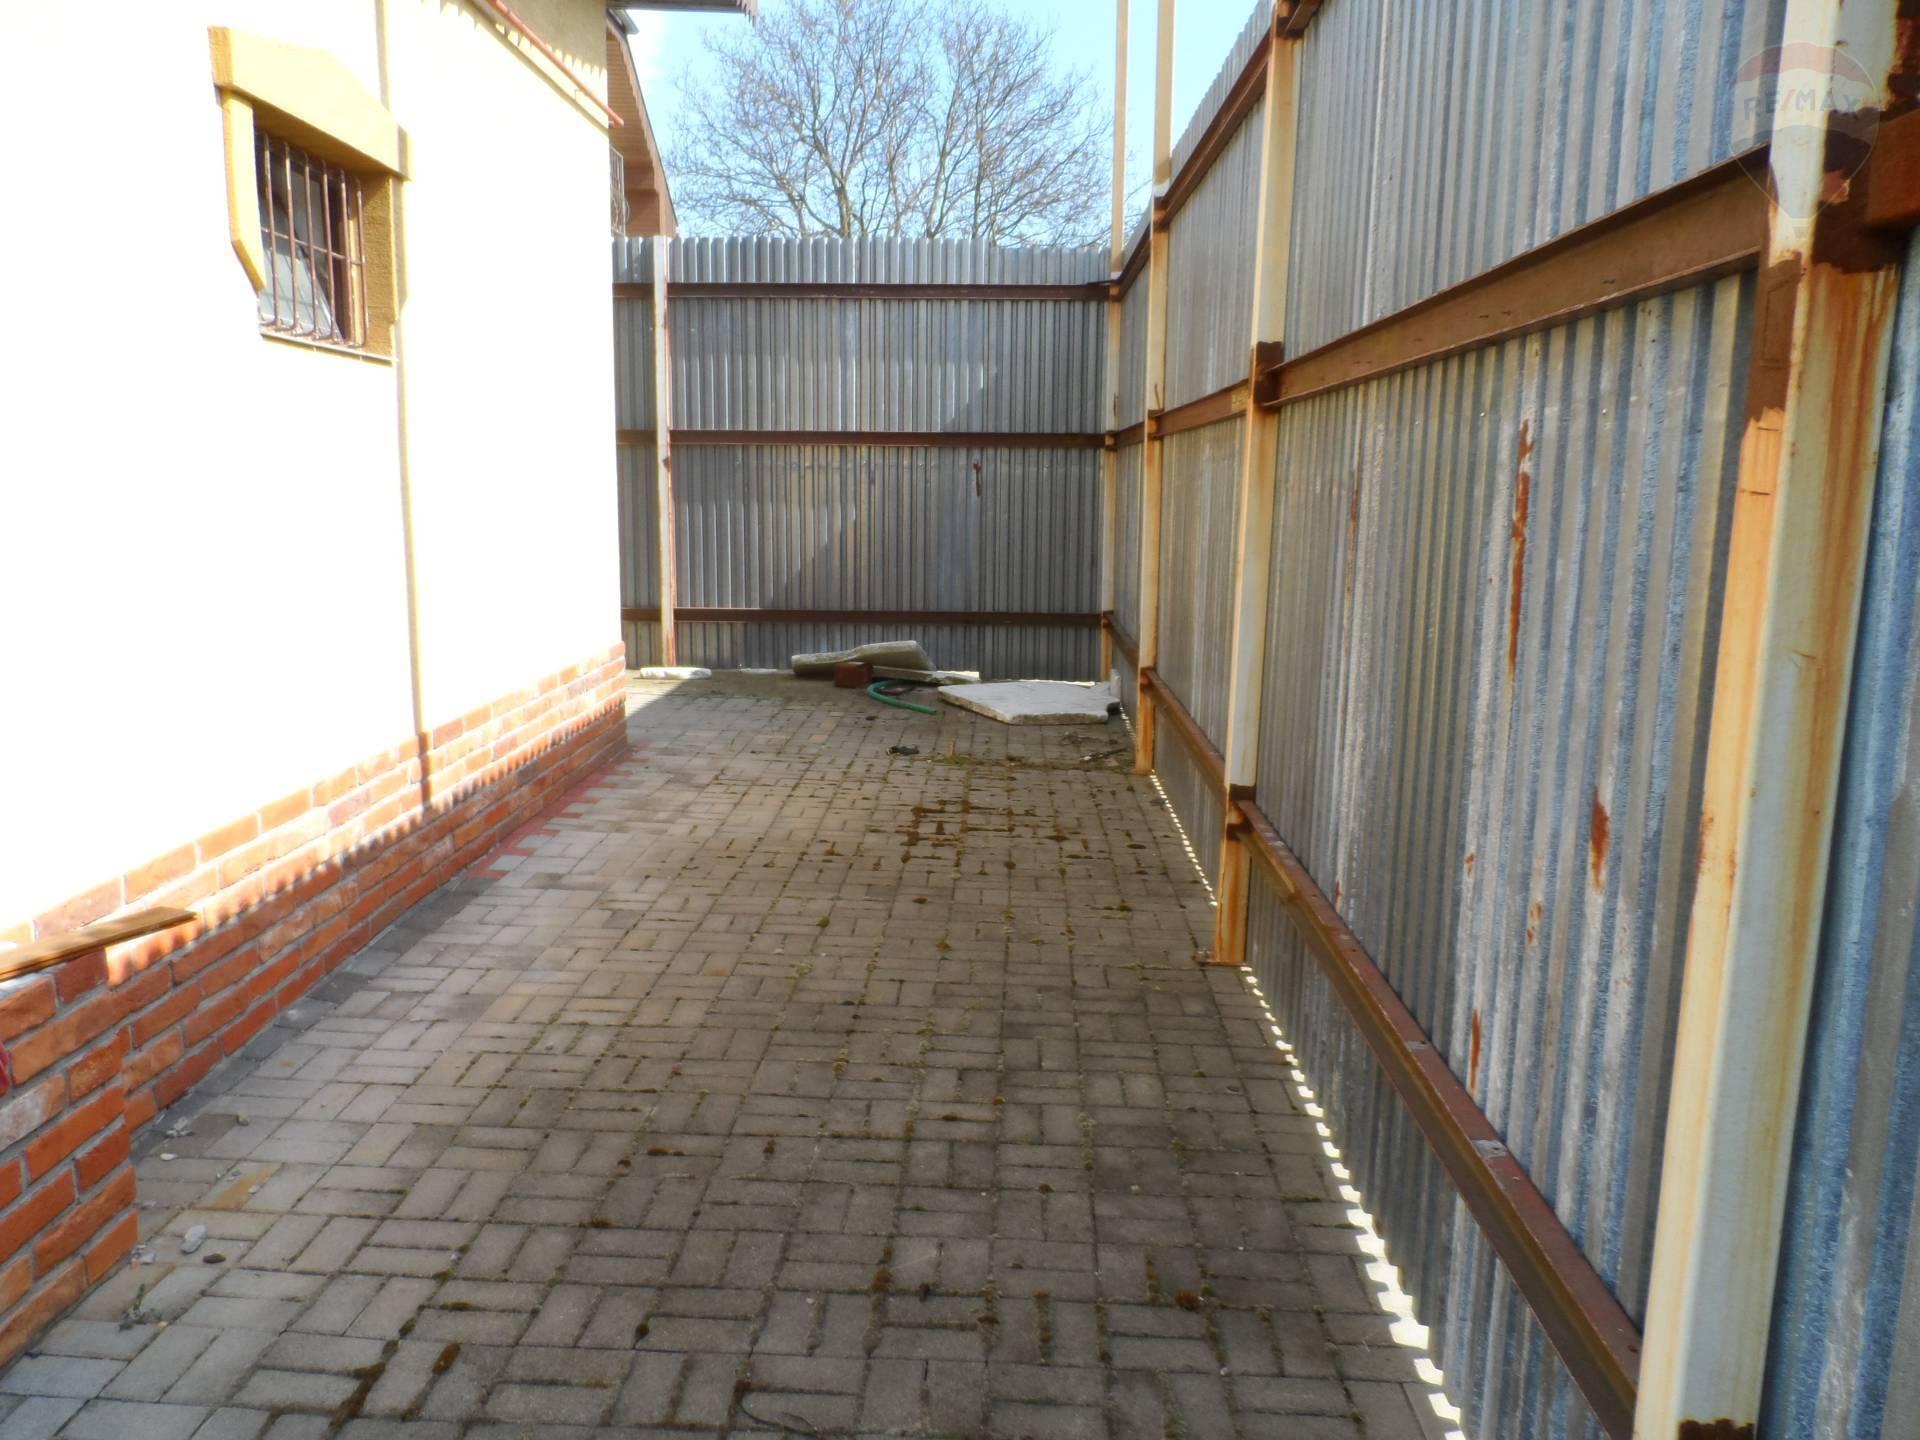 Predaj komerčného objektu 480 m2, Nemčice - Realitná kancelária RE/MAX ponúka na predaj výrobno-skladovací objekt, s možnosťou viacúčelového využitia. Celková výmera pozemku je cca 1000m2, úžitková plocha haly je 480m2. Podlahy sú keramické, s